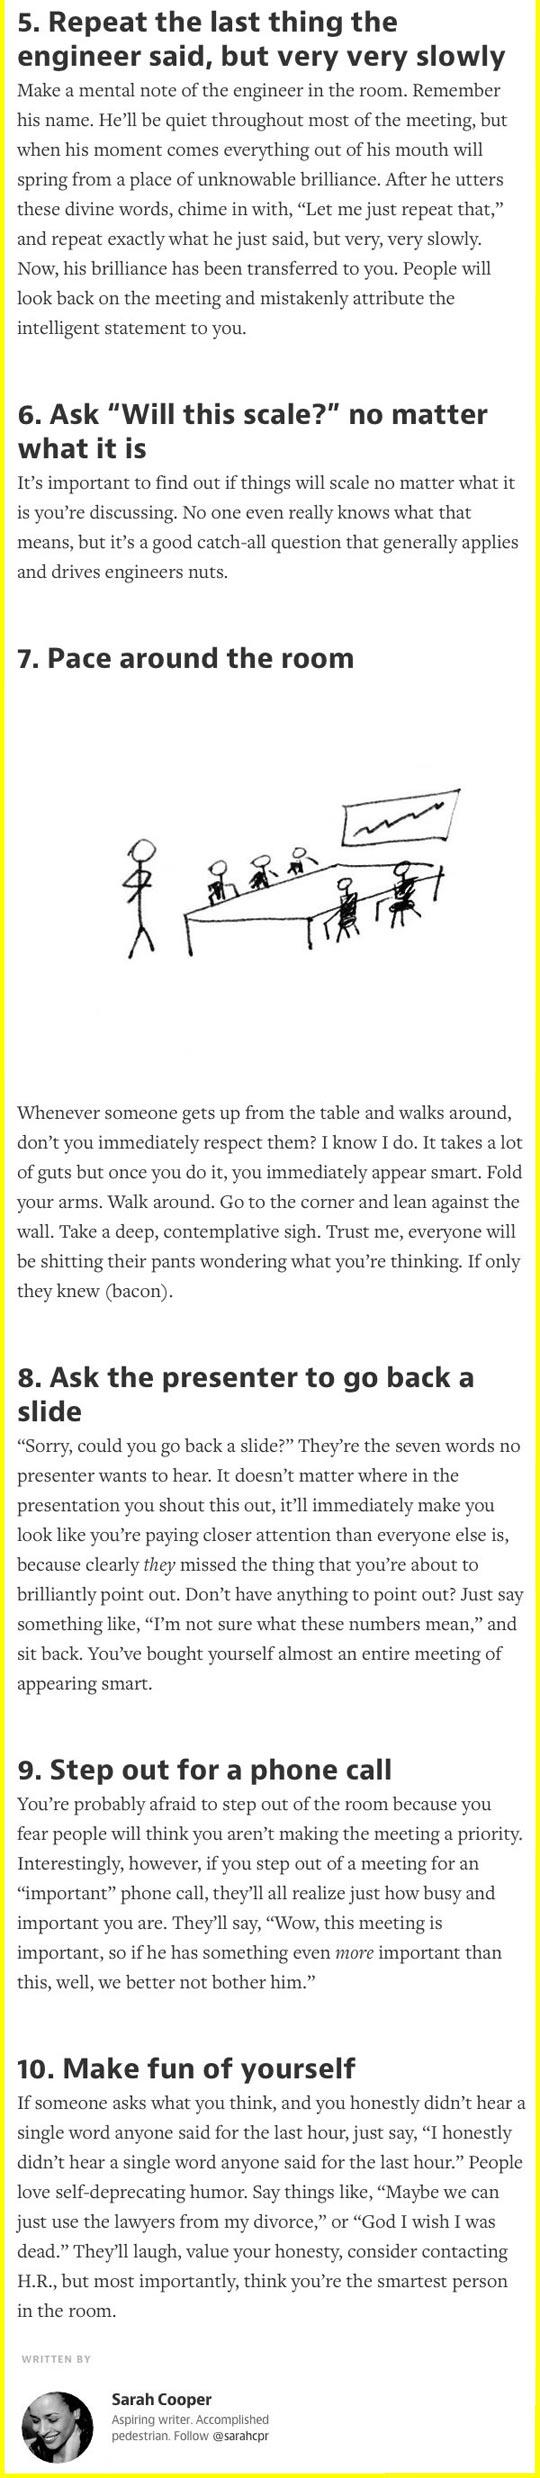 funny-tricks-smart-people-meetings-diagram